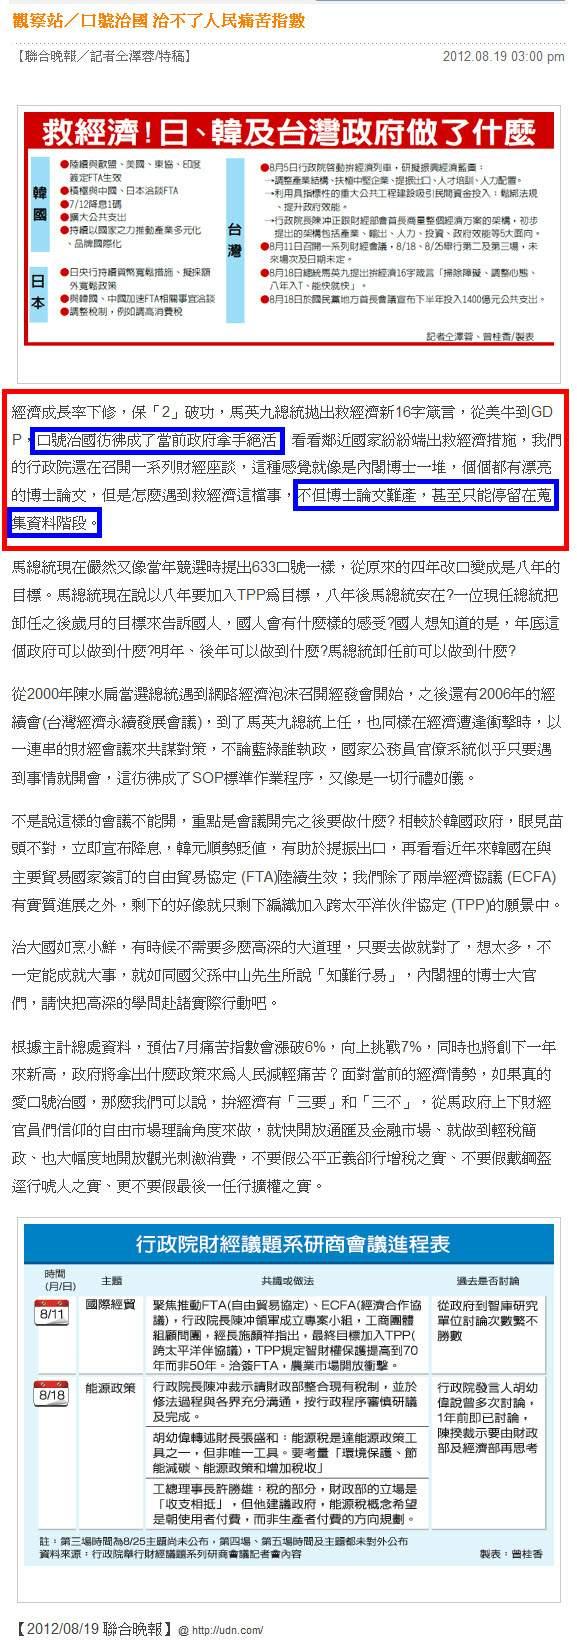 觀察站/口號治國 治不了人民痛苦指數  痛苦指數續攀高-2012.08.19